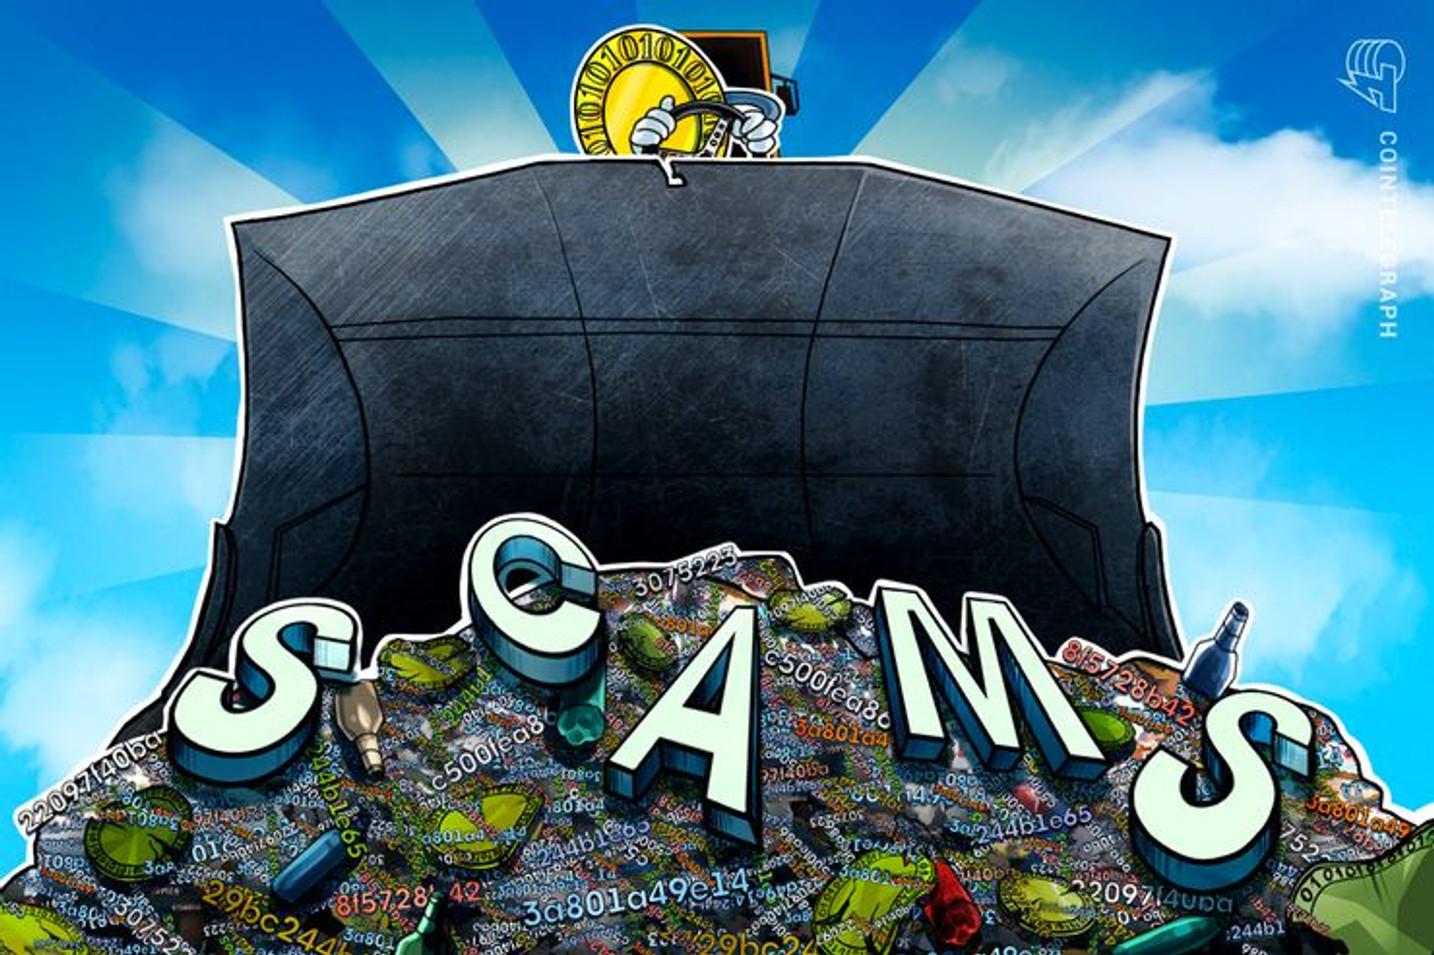 Justiça determina quebra de sigilo bancário de operadores da Hibridus Club, suposta pirâmide de Bitcoin